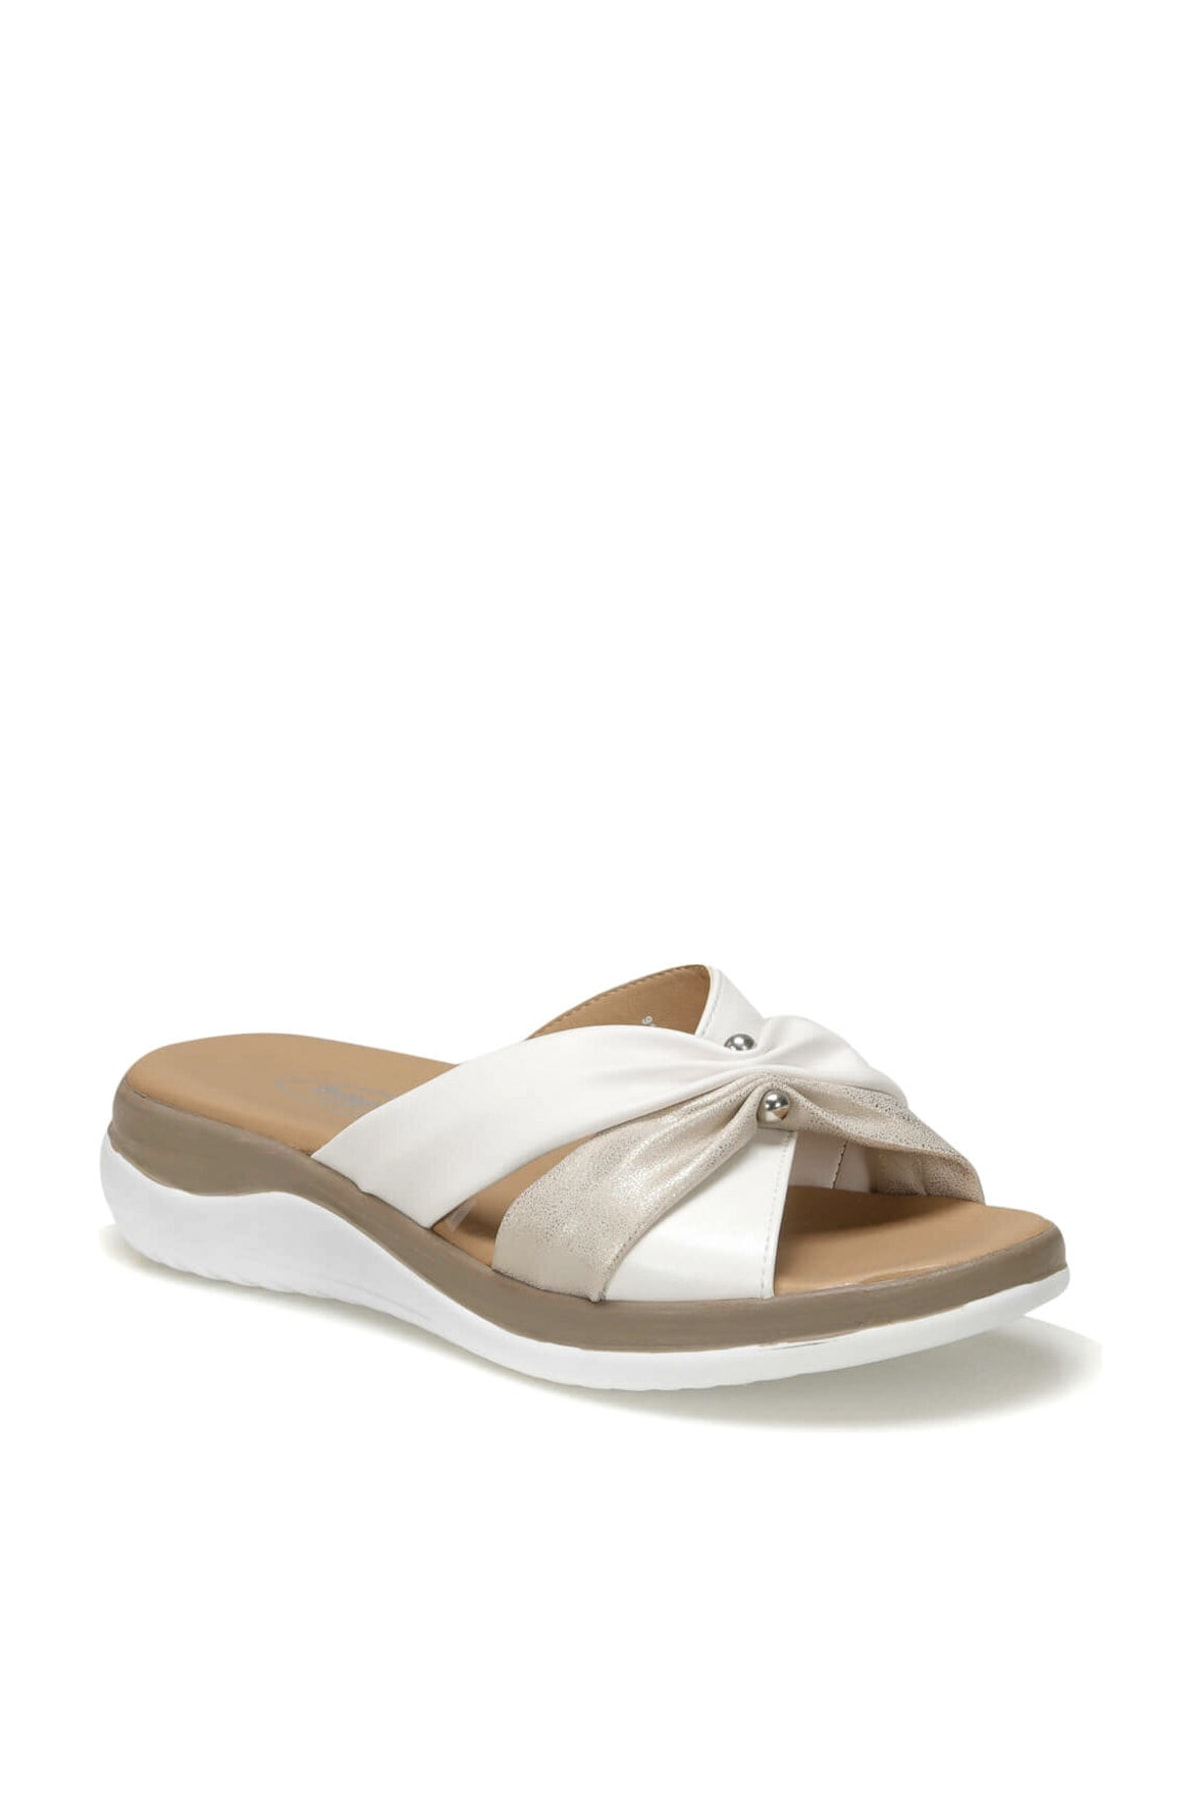 Polaris 91.150933.Z Altın Kadın Sandalet 100379915 2